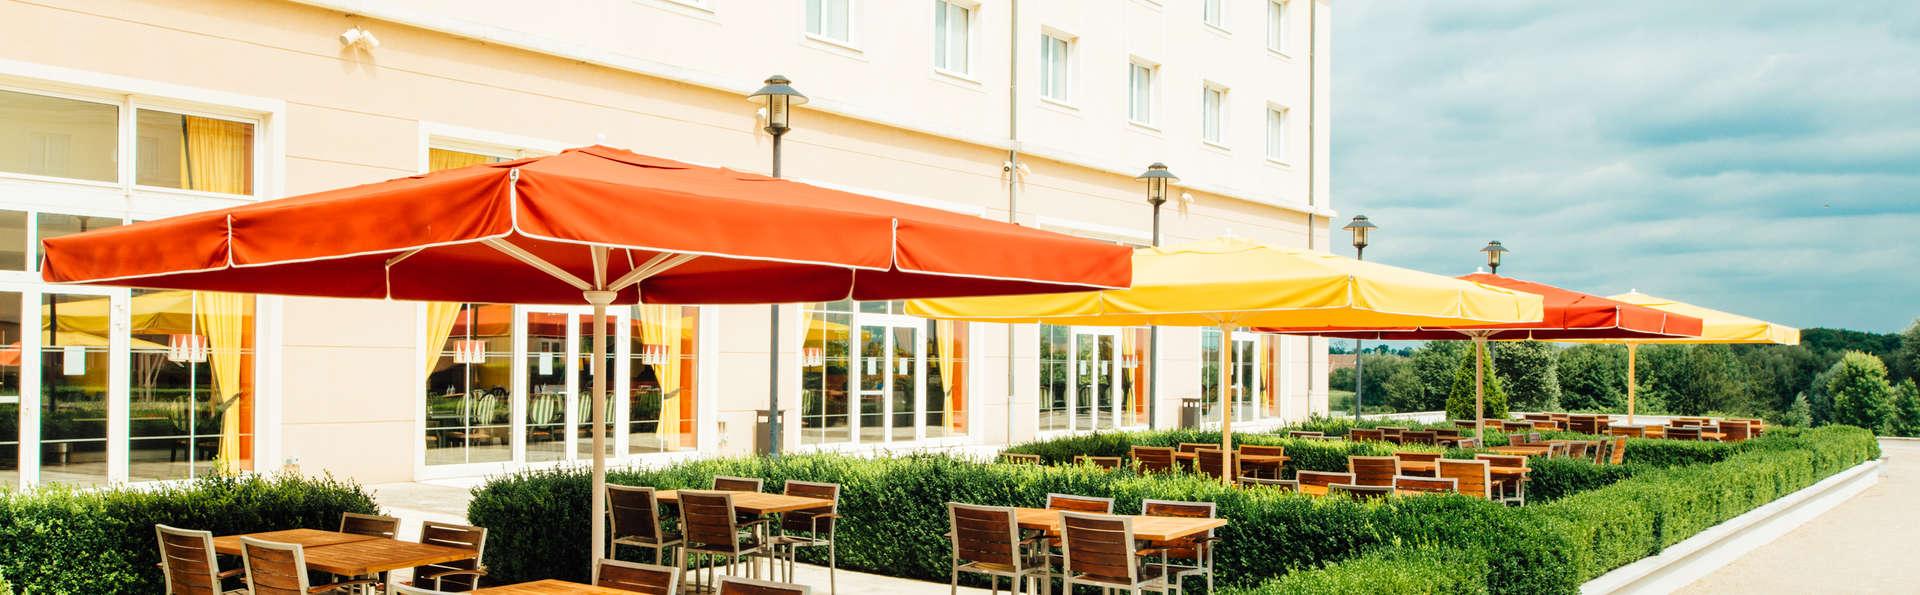 Vienna house magic circus hotel paris h tel de charme - Hotel seine et marne avec jacuzzi dans la chambre ...